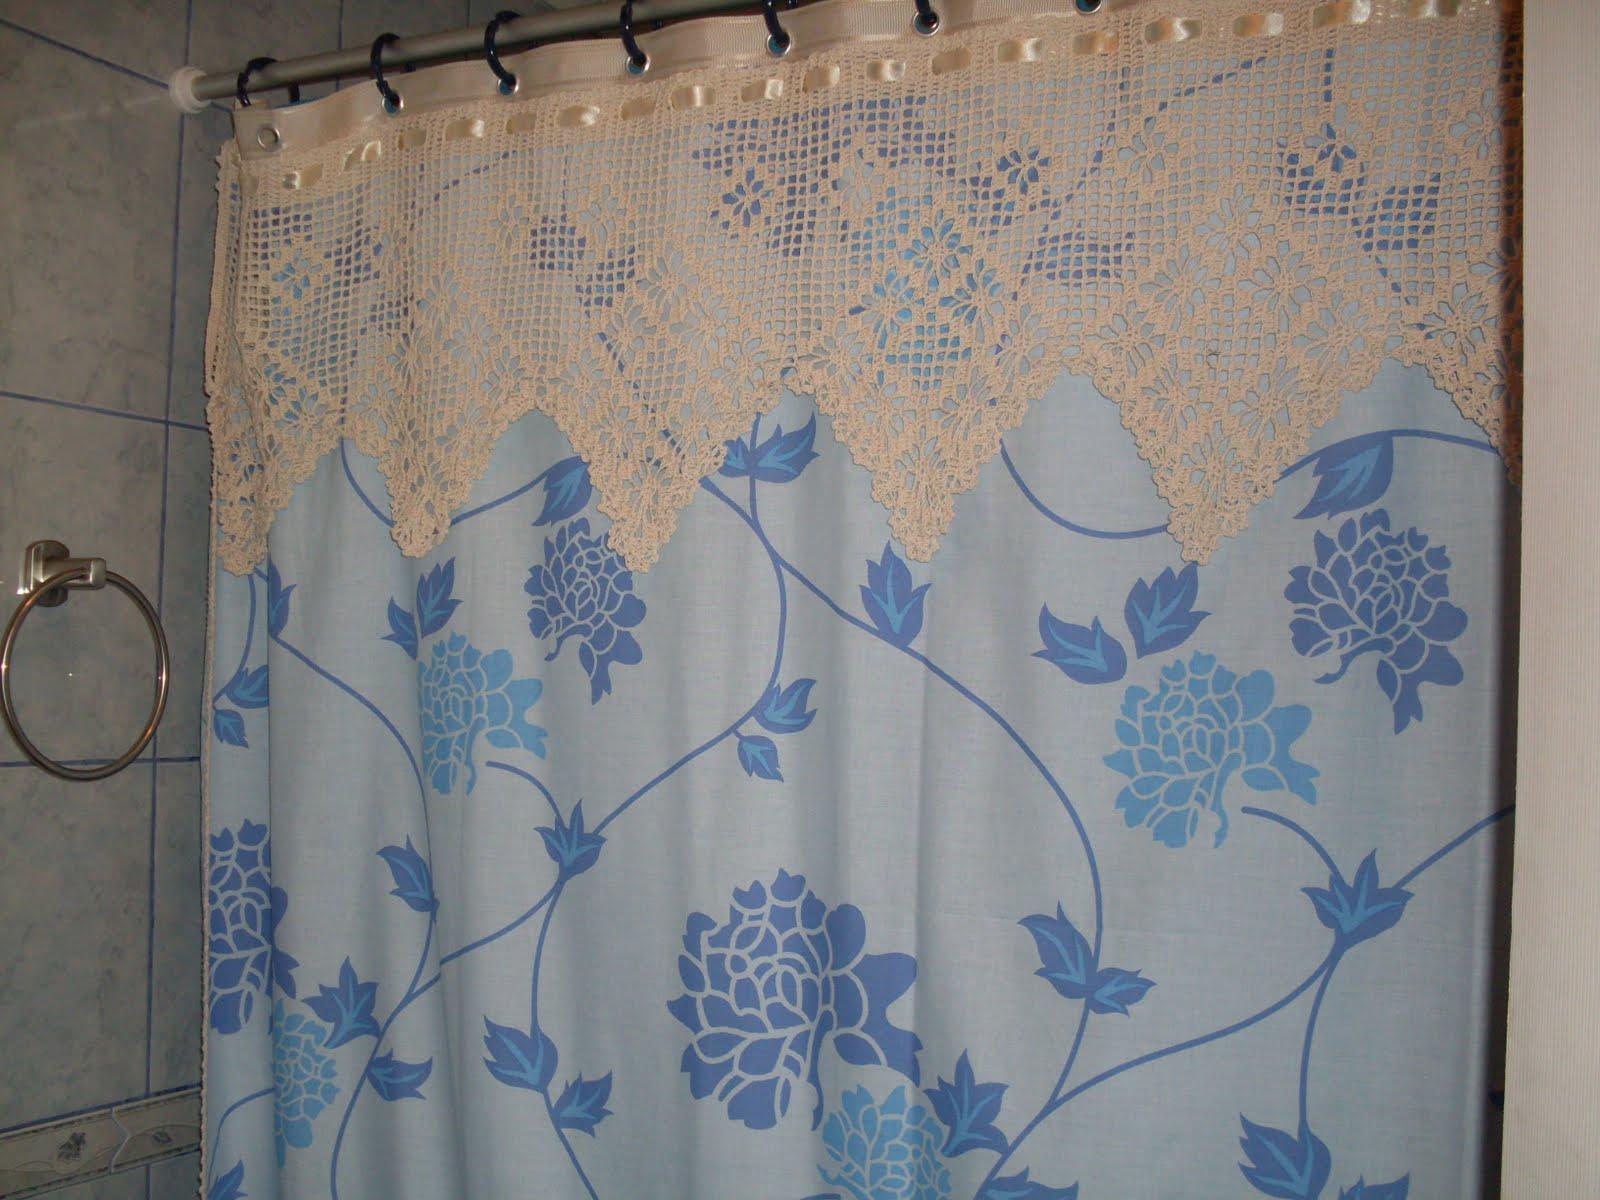 Cortinas De Baño Artesanales:barras de cortinas de baño una de las claves a la hora de construir y